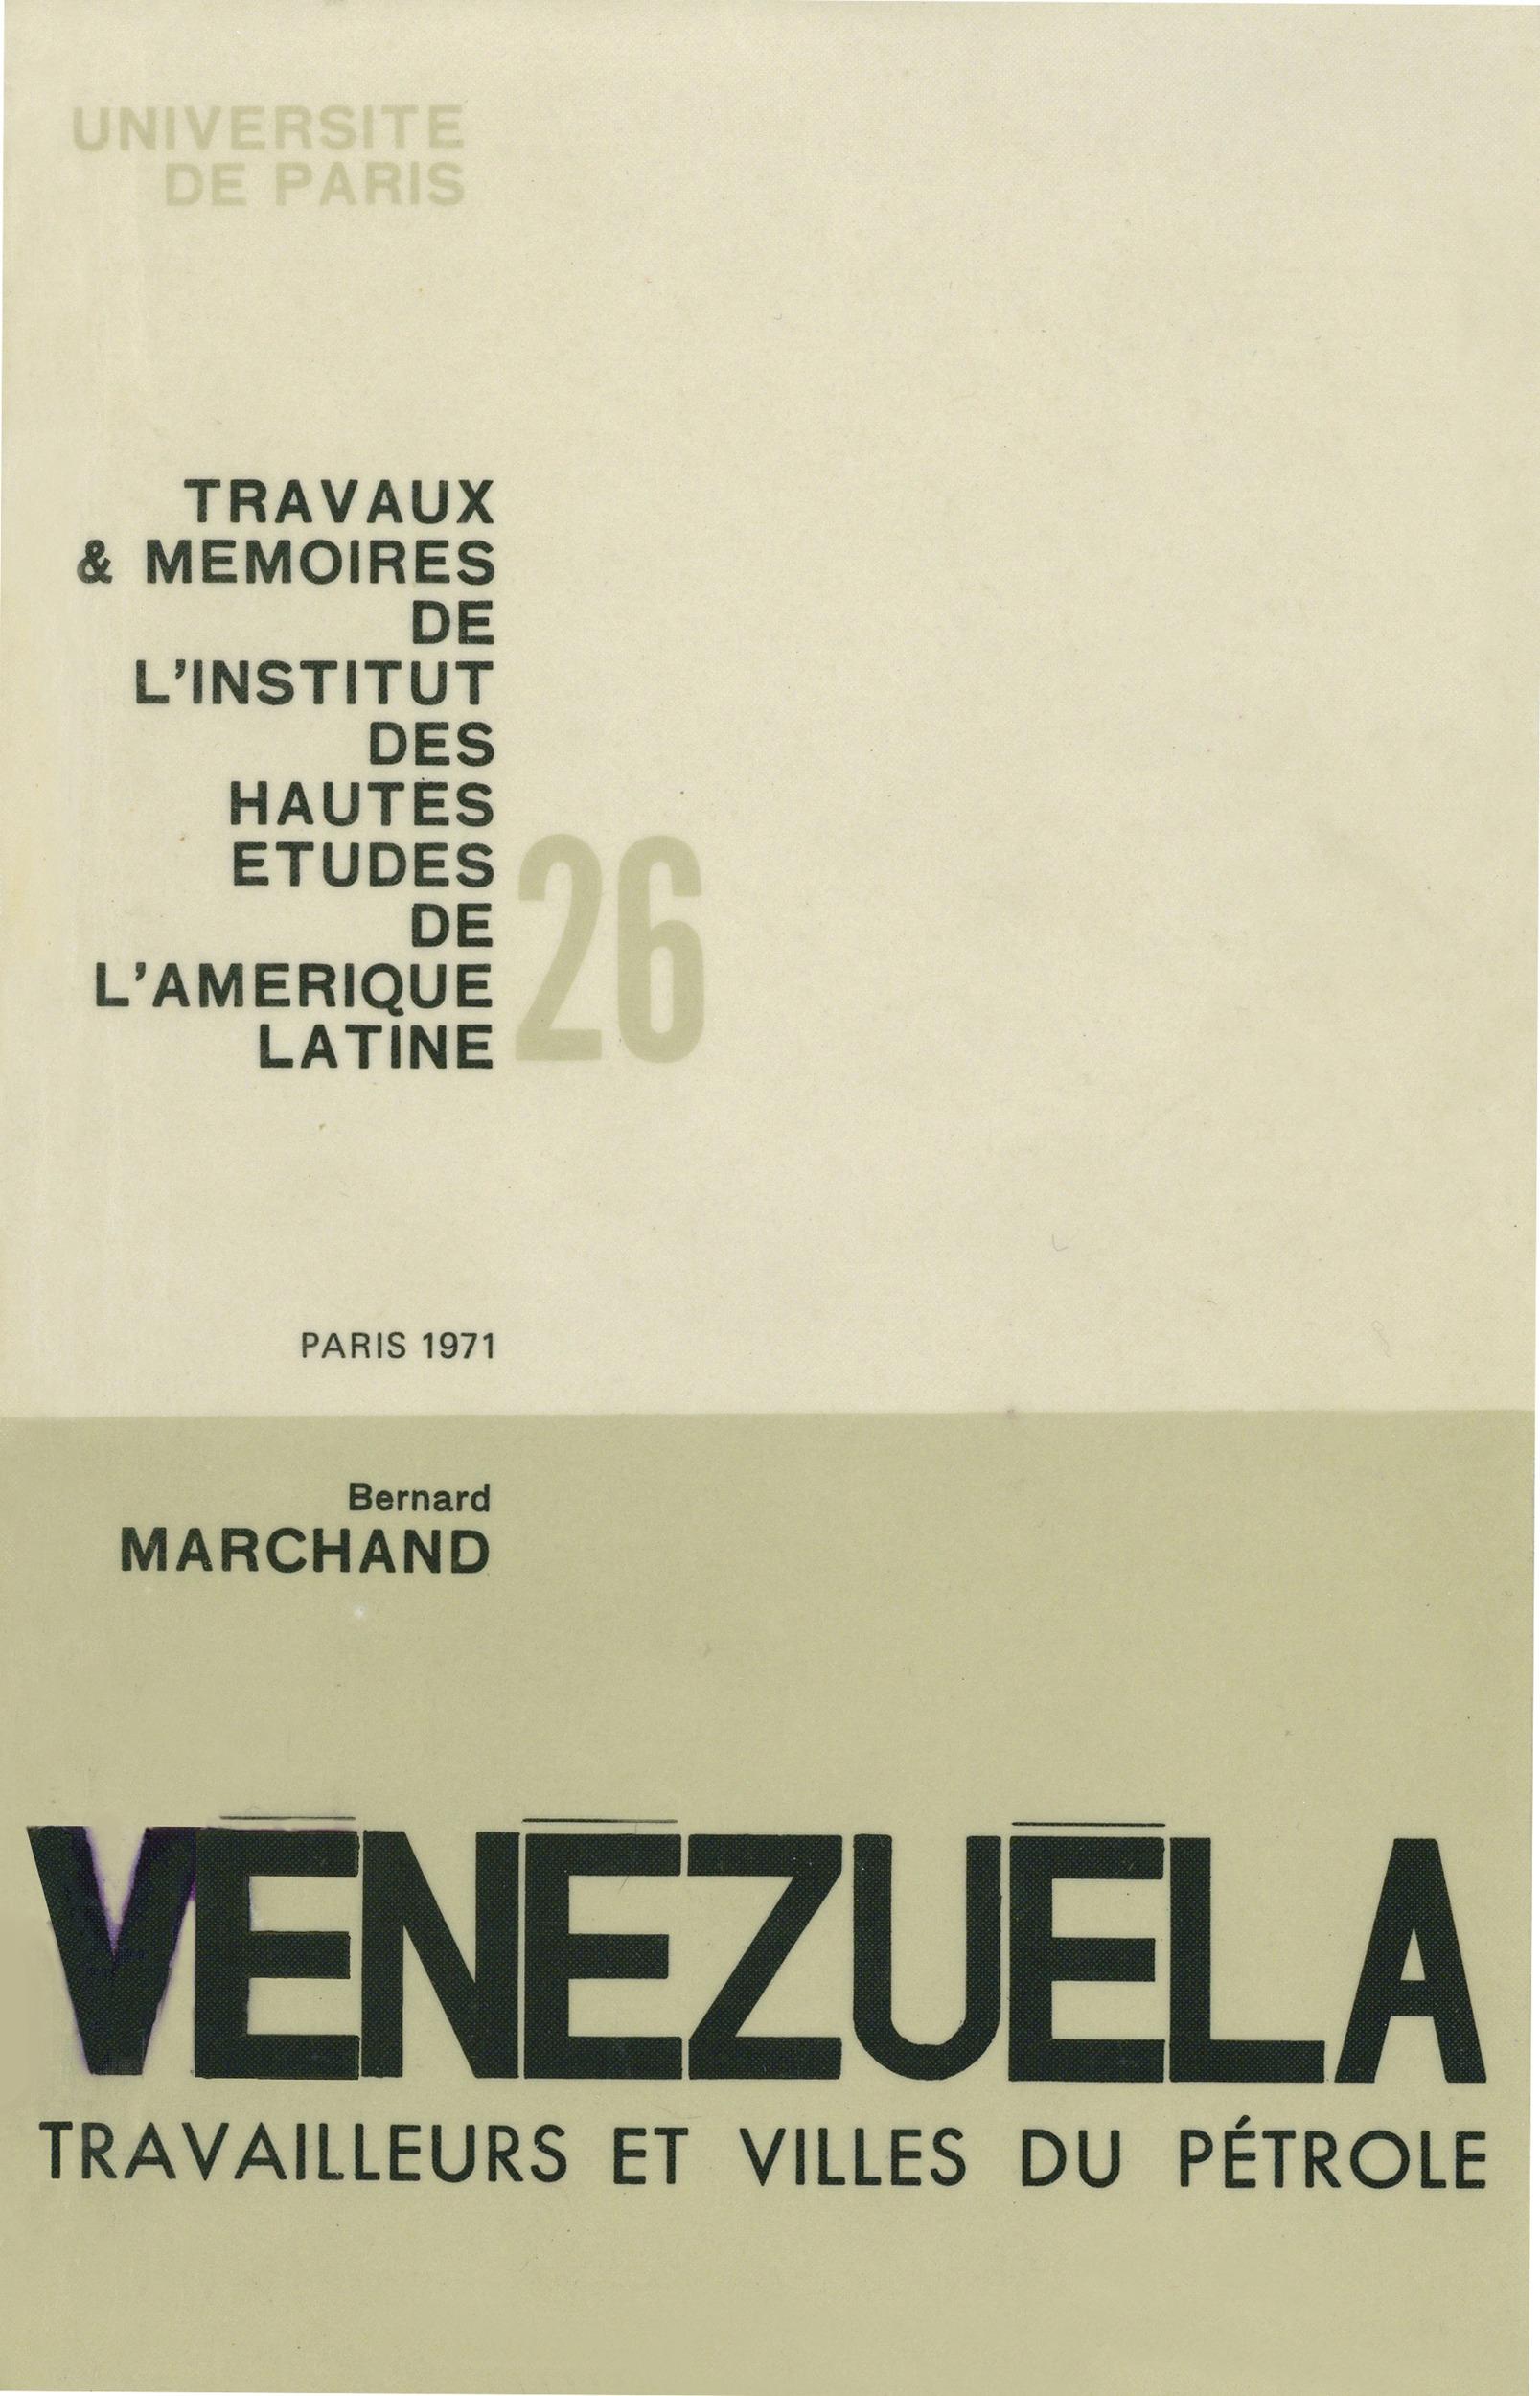 Venezuela : travailleurs et villes petrole.